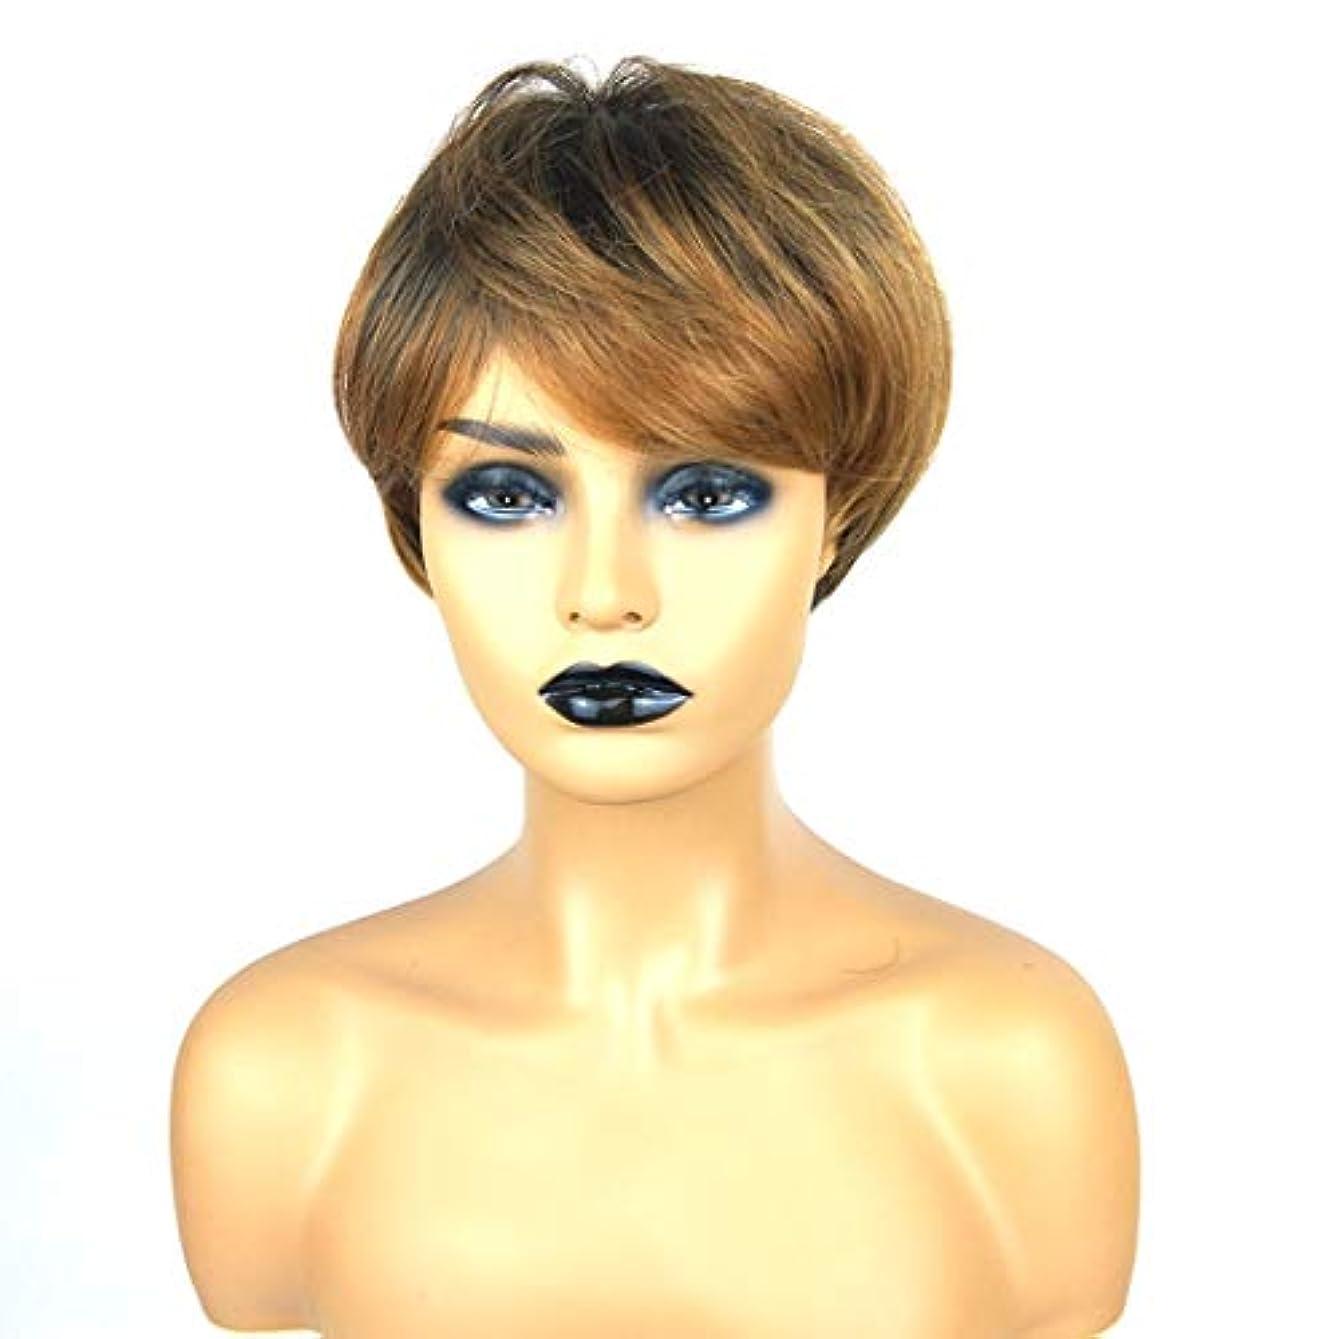 余剰非互換式Kerwinner ショートボブの髪の毛のかつら本物の髪として自然な女性のための合成かつらとストレートウィッグ